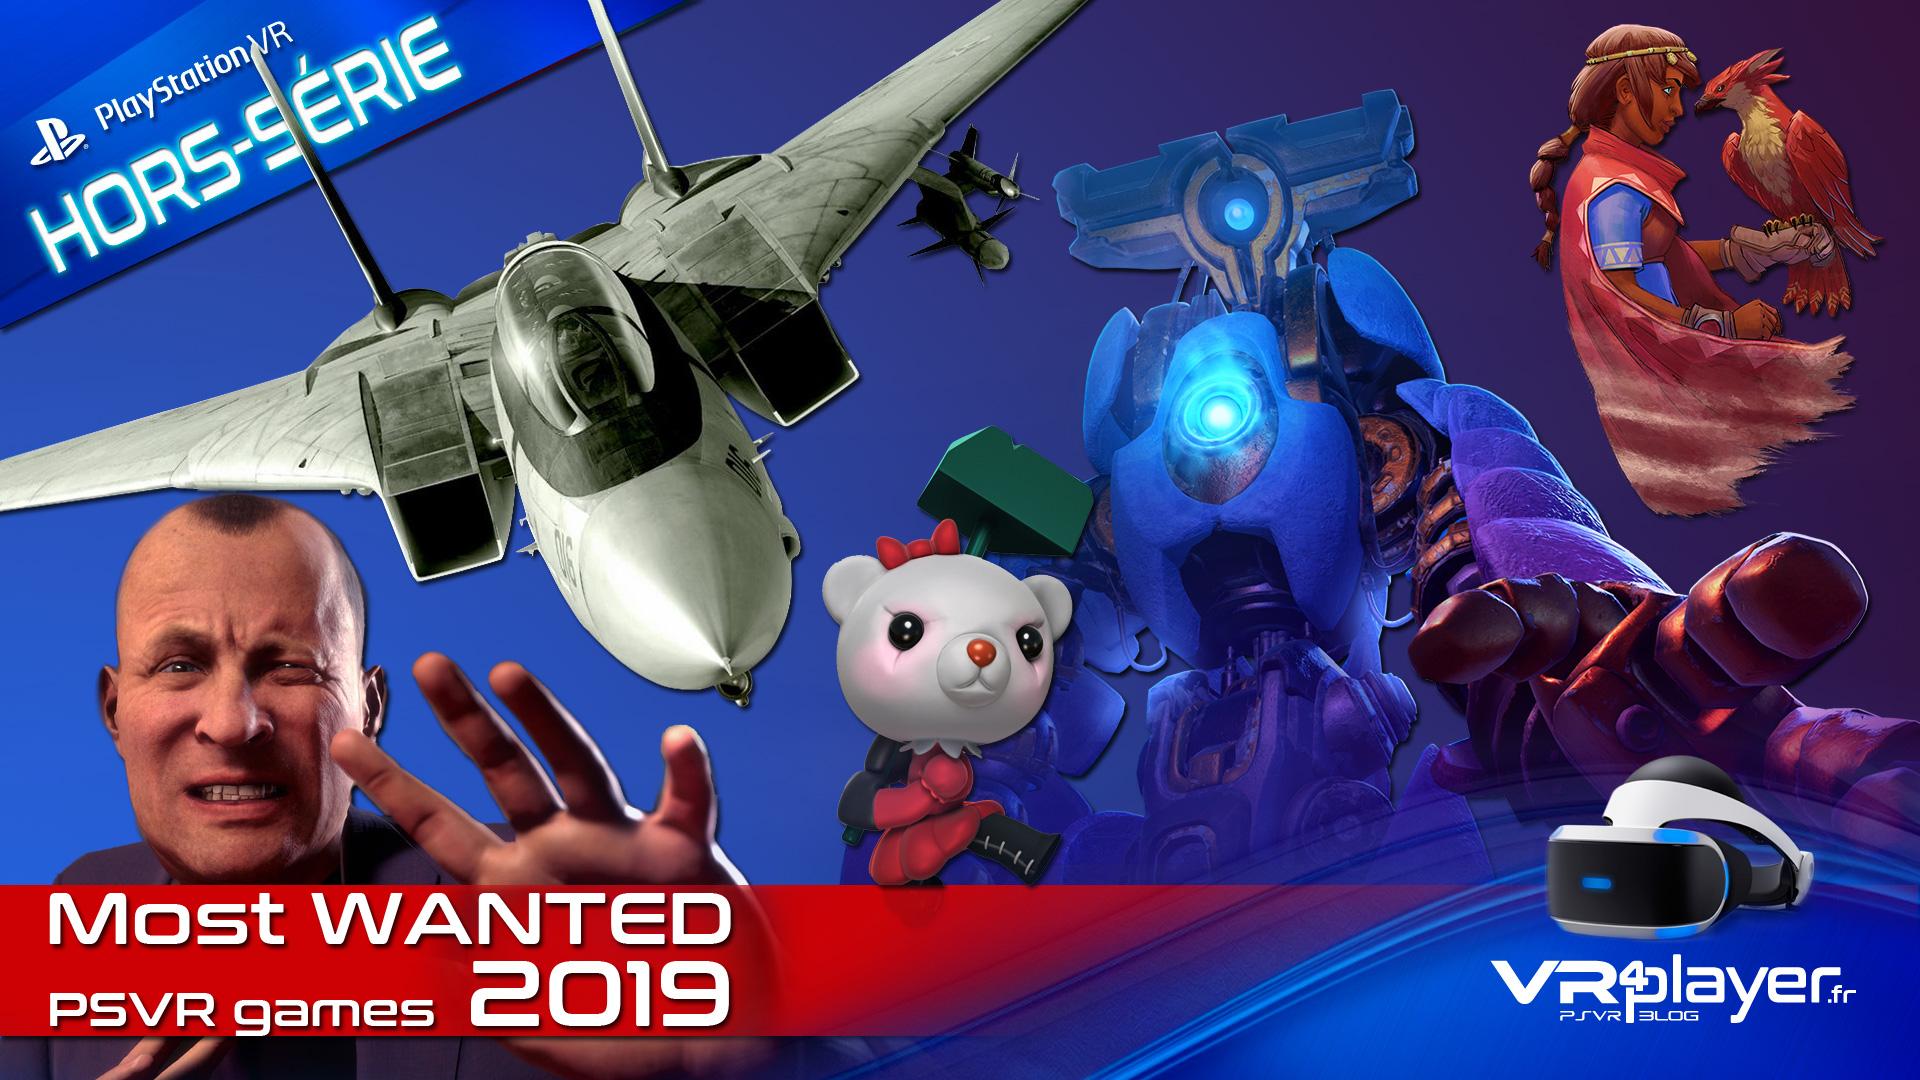 quelques-uns des jeux PSVR les plus attendus en 2019 - vr4player.fr